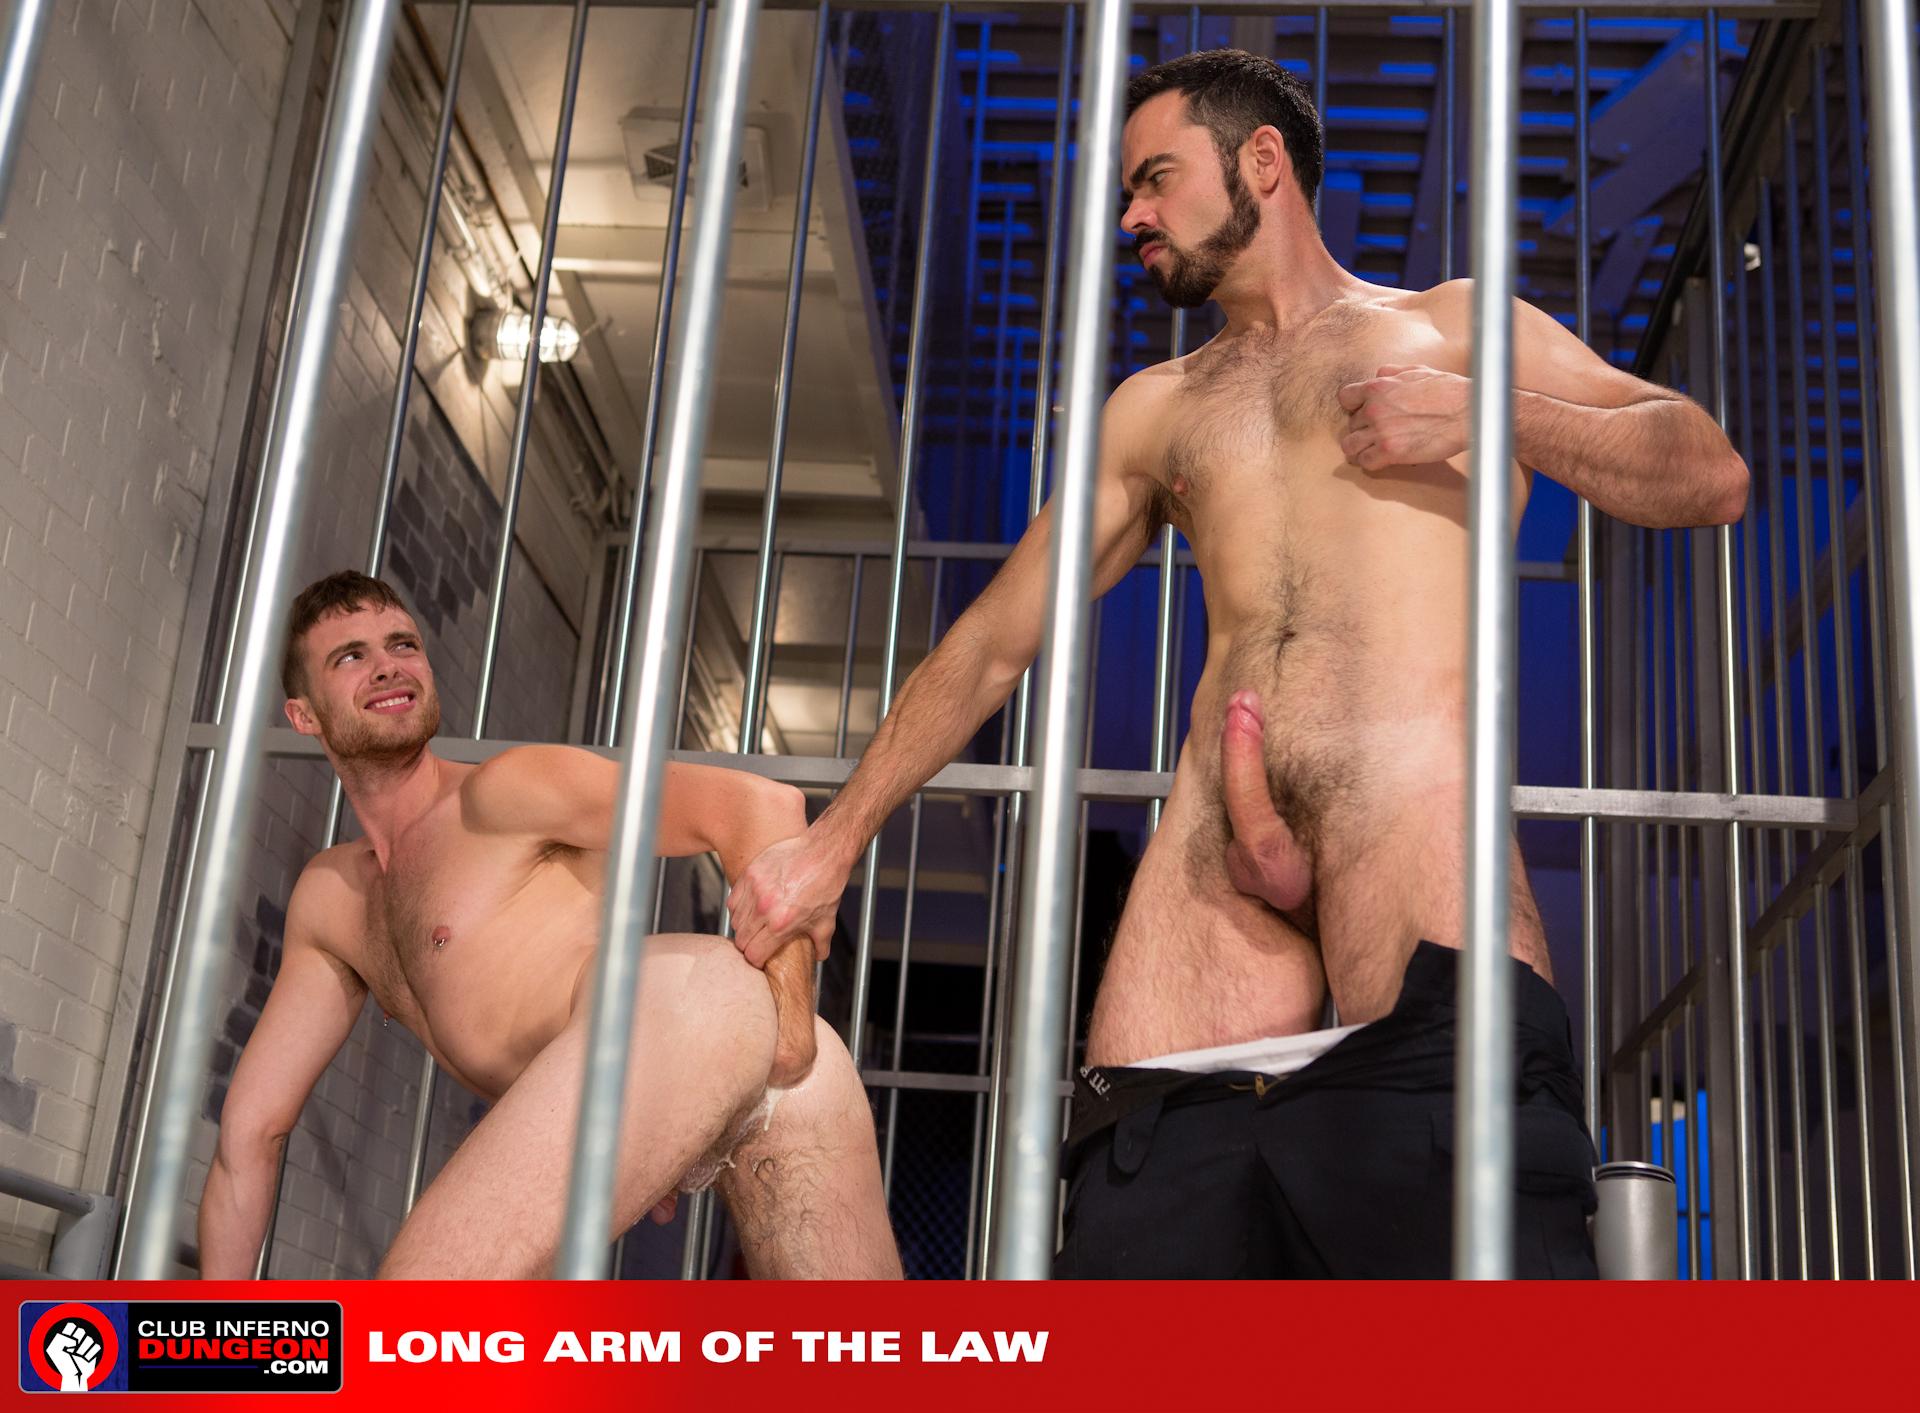 Сайтец, мужики в тюрьме трахаются фраза Занимательно